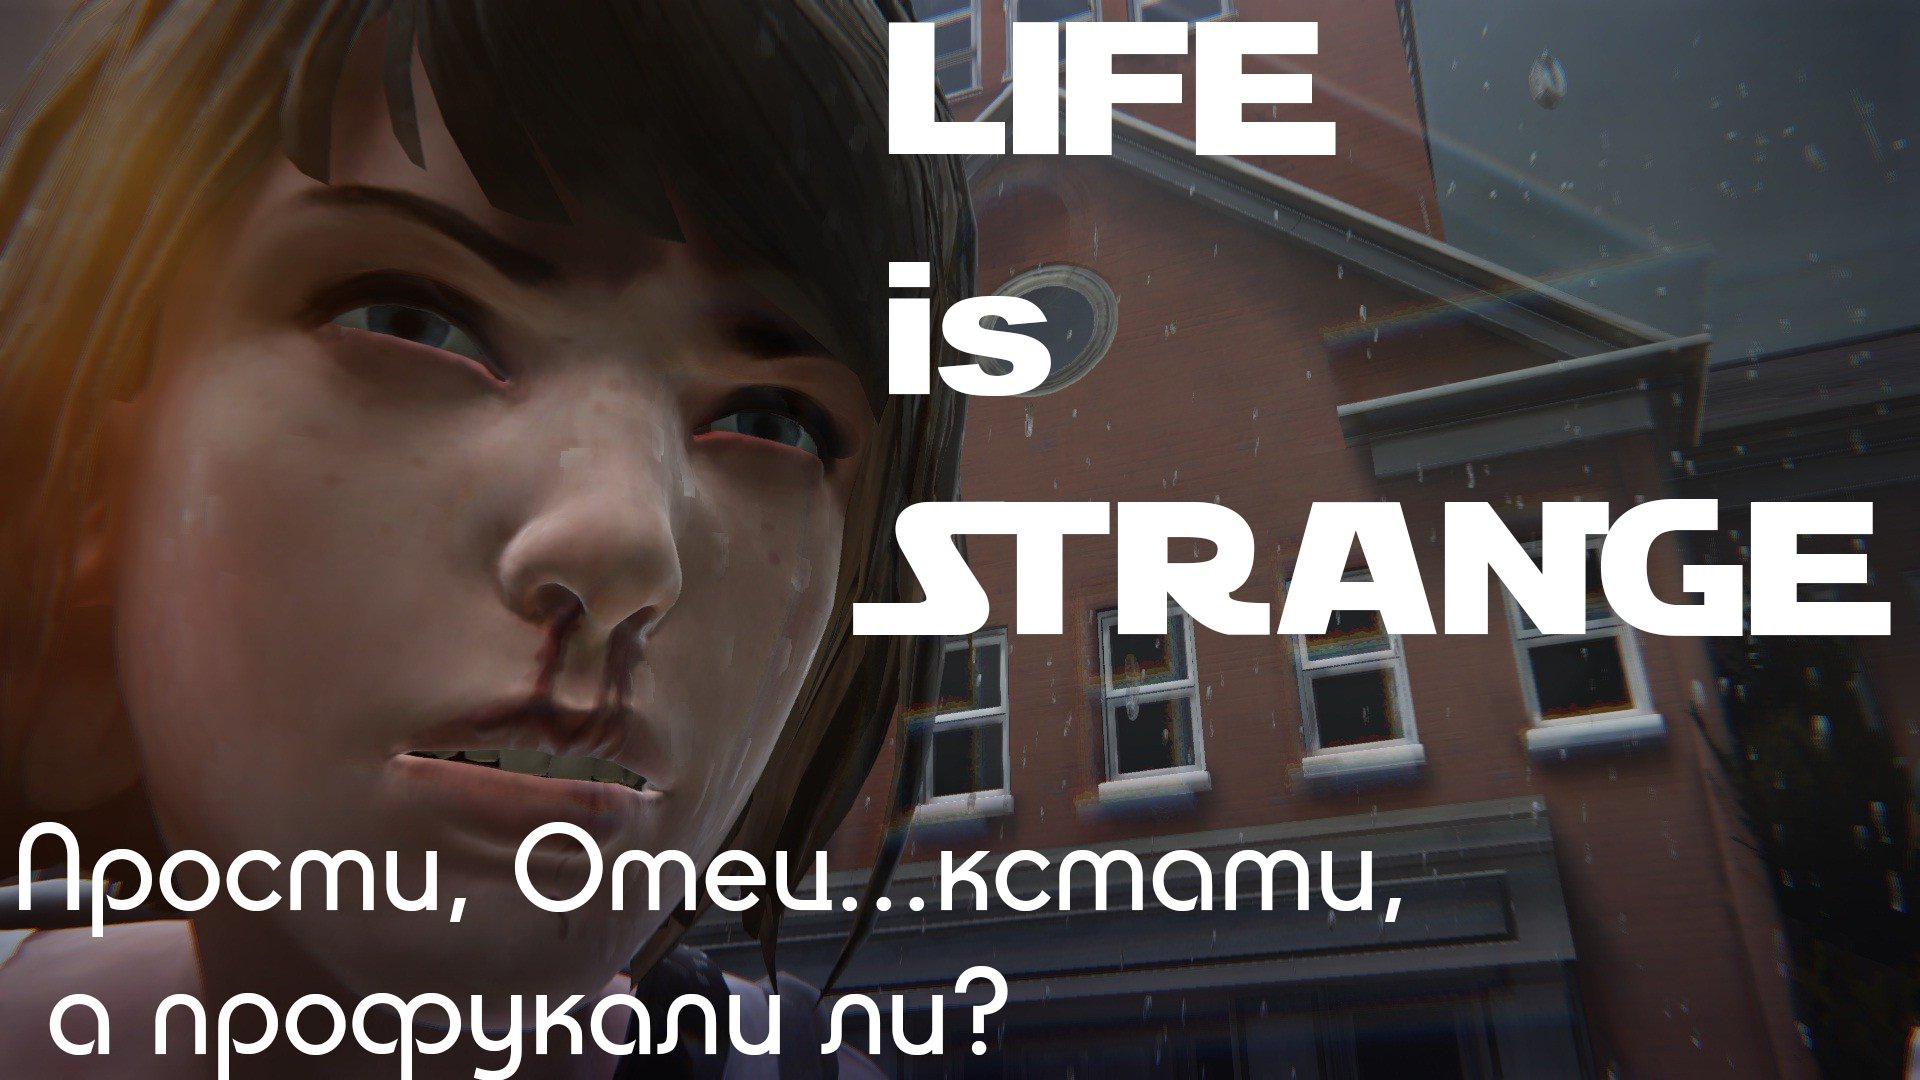 Прости, Отец, мы профукали Life is strange  [часть 2]  - Изображение 1